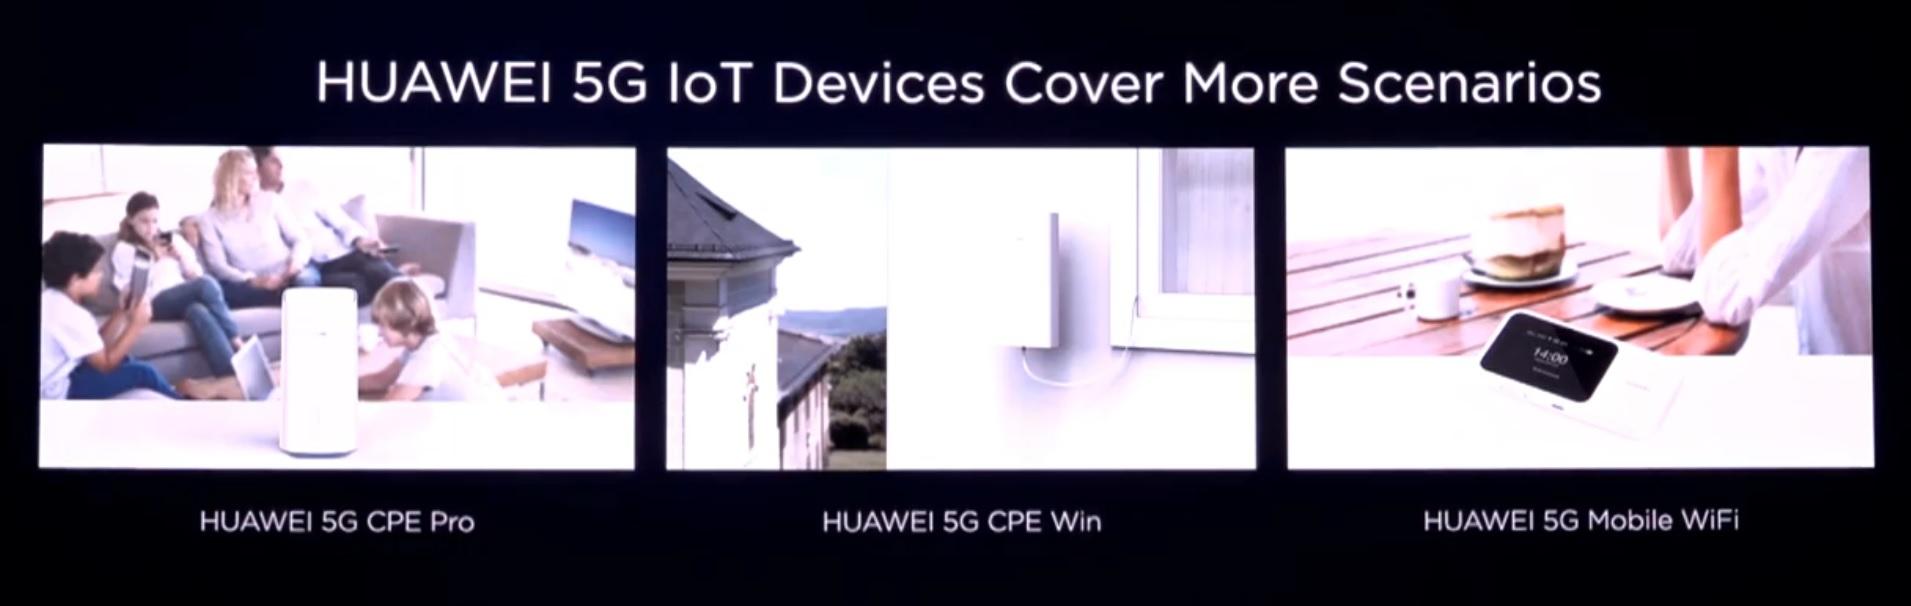 Huawei: ufficiali i nuovi router per il 5G, ecco tutti i dettagli